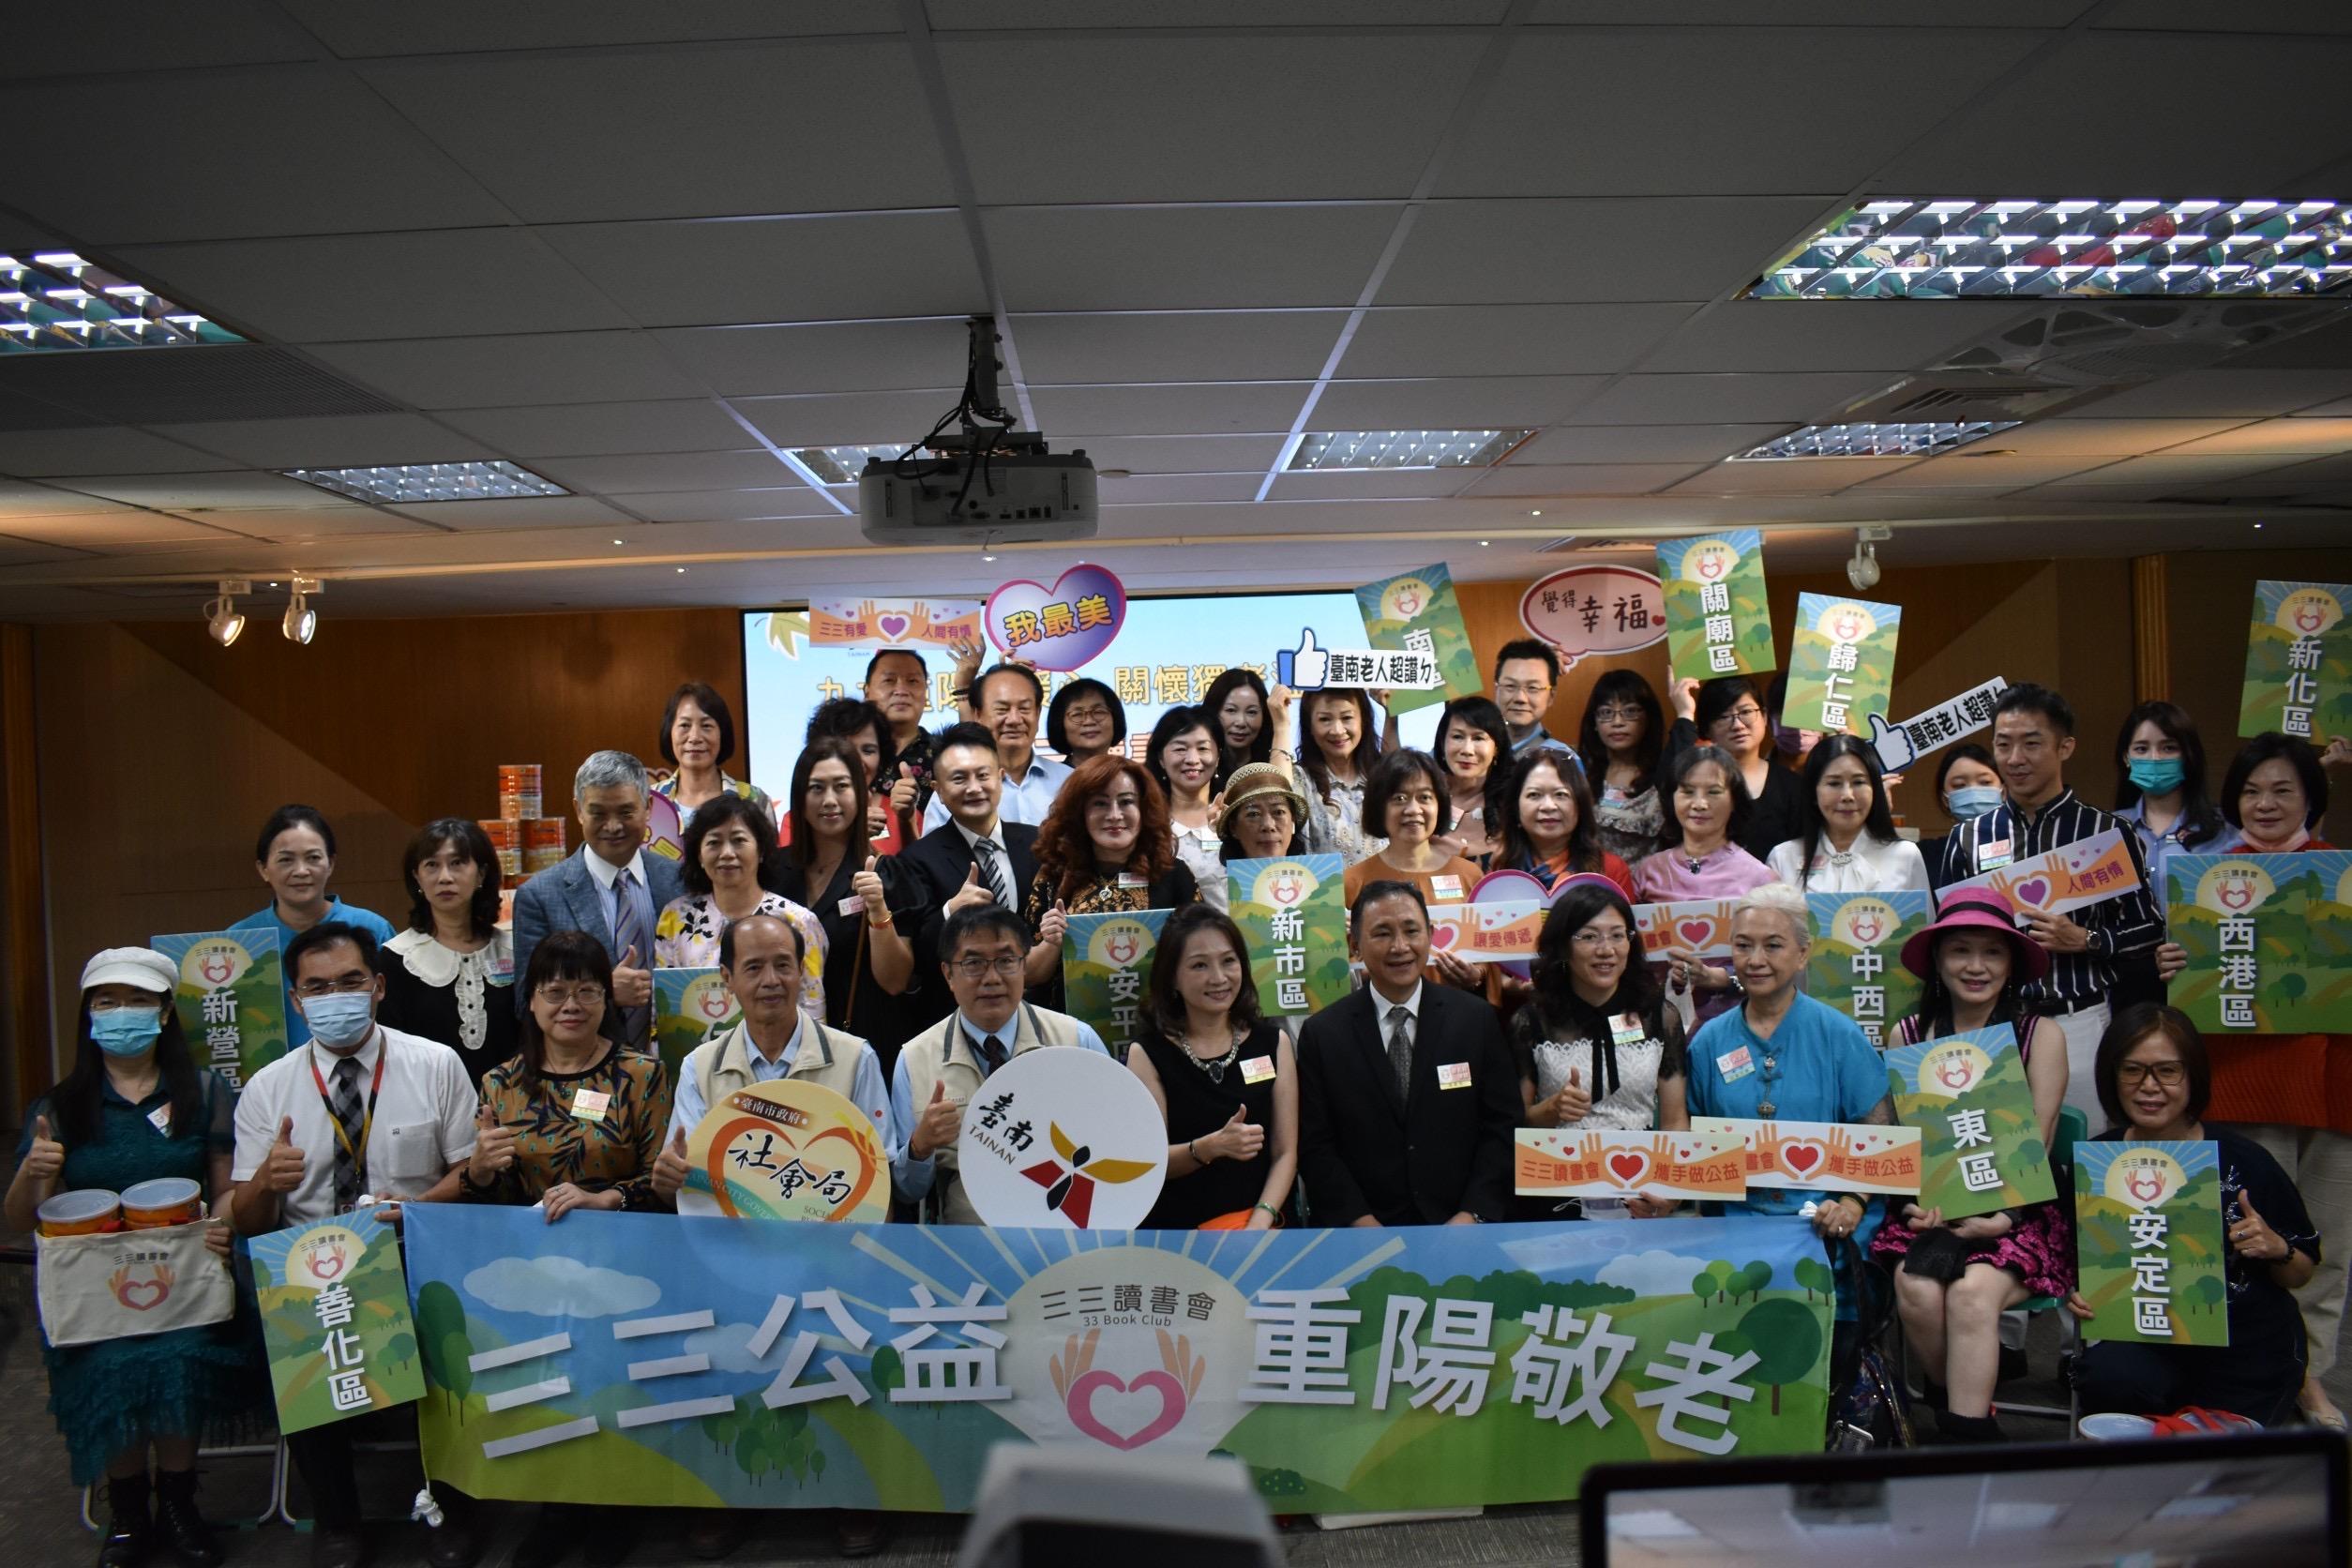 黃偉哲市長感謝三三讀書會捐贈燕麥片暖心關懷獨老